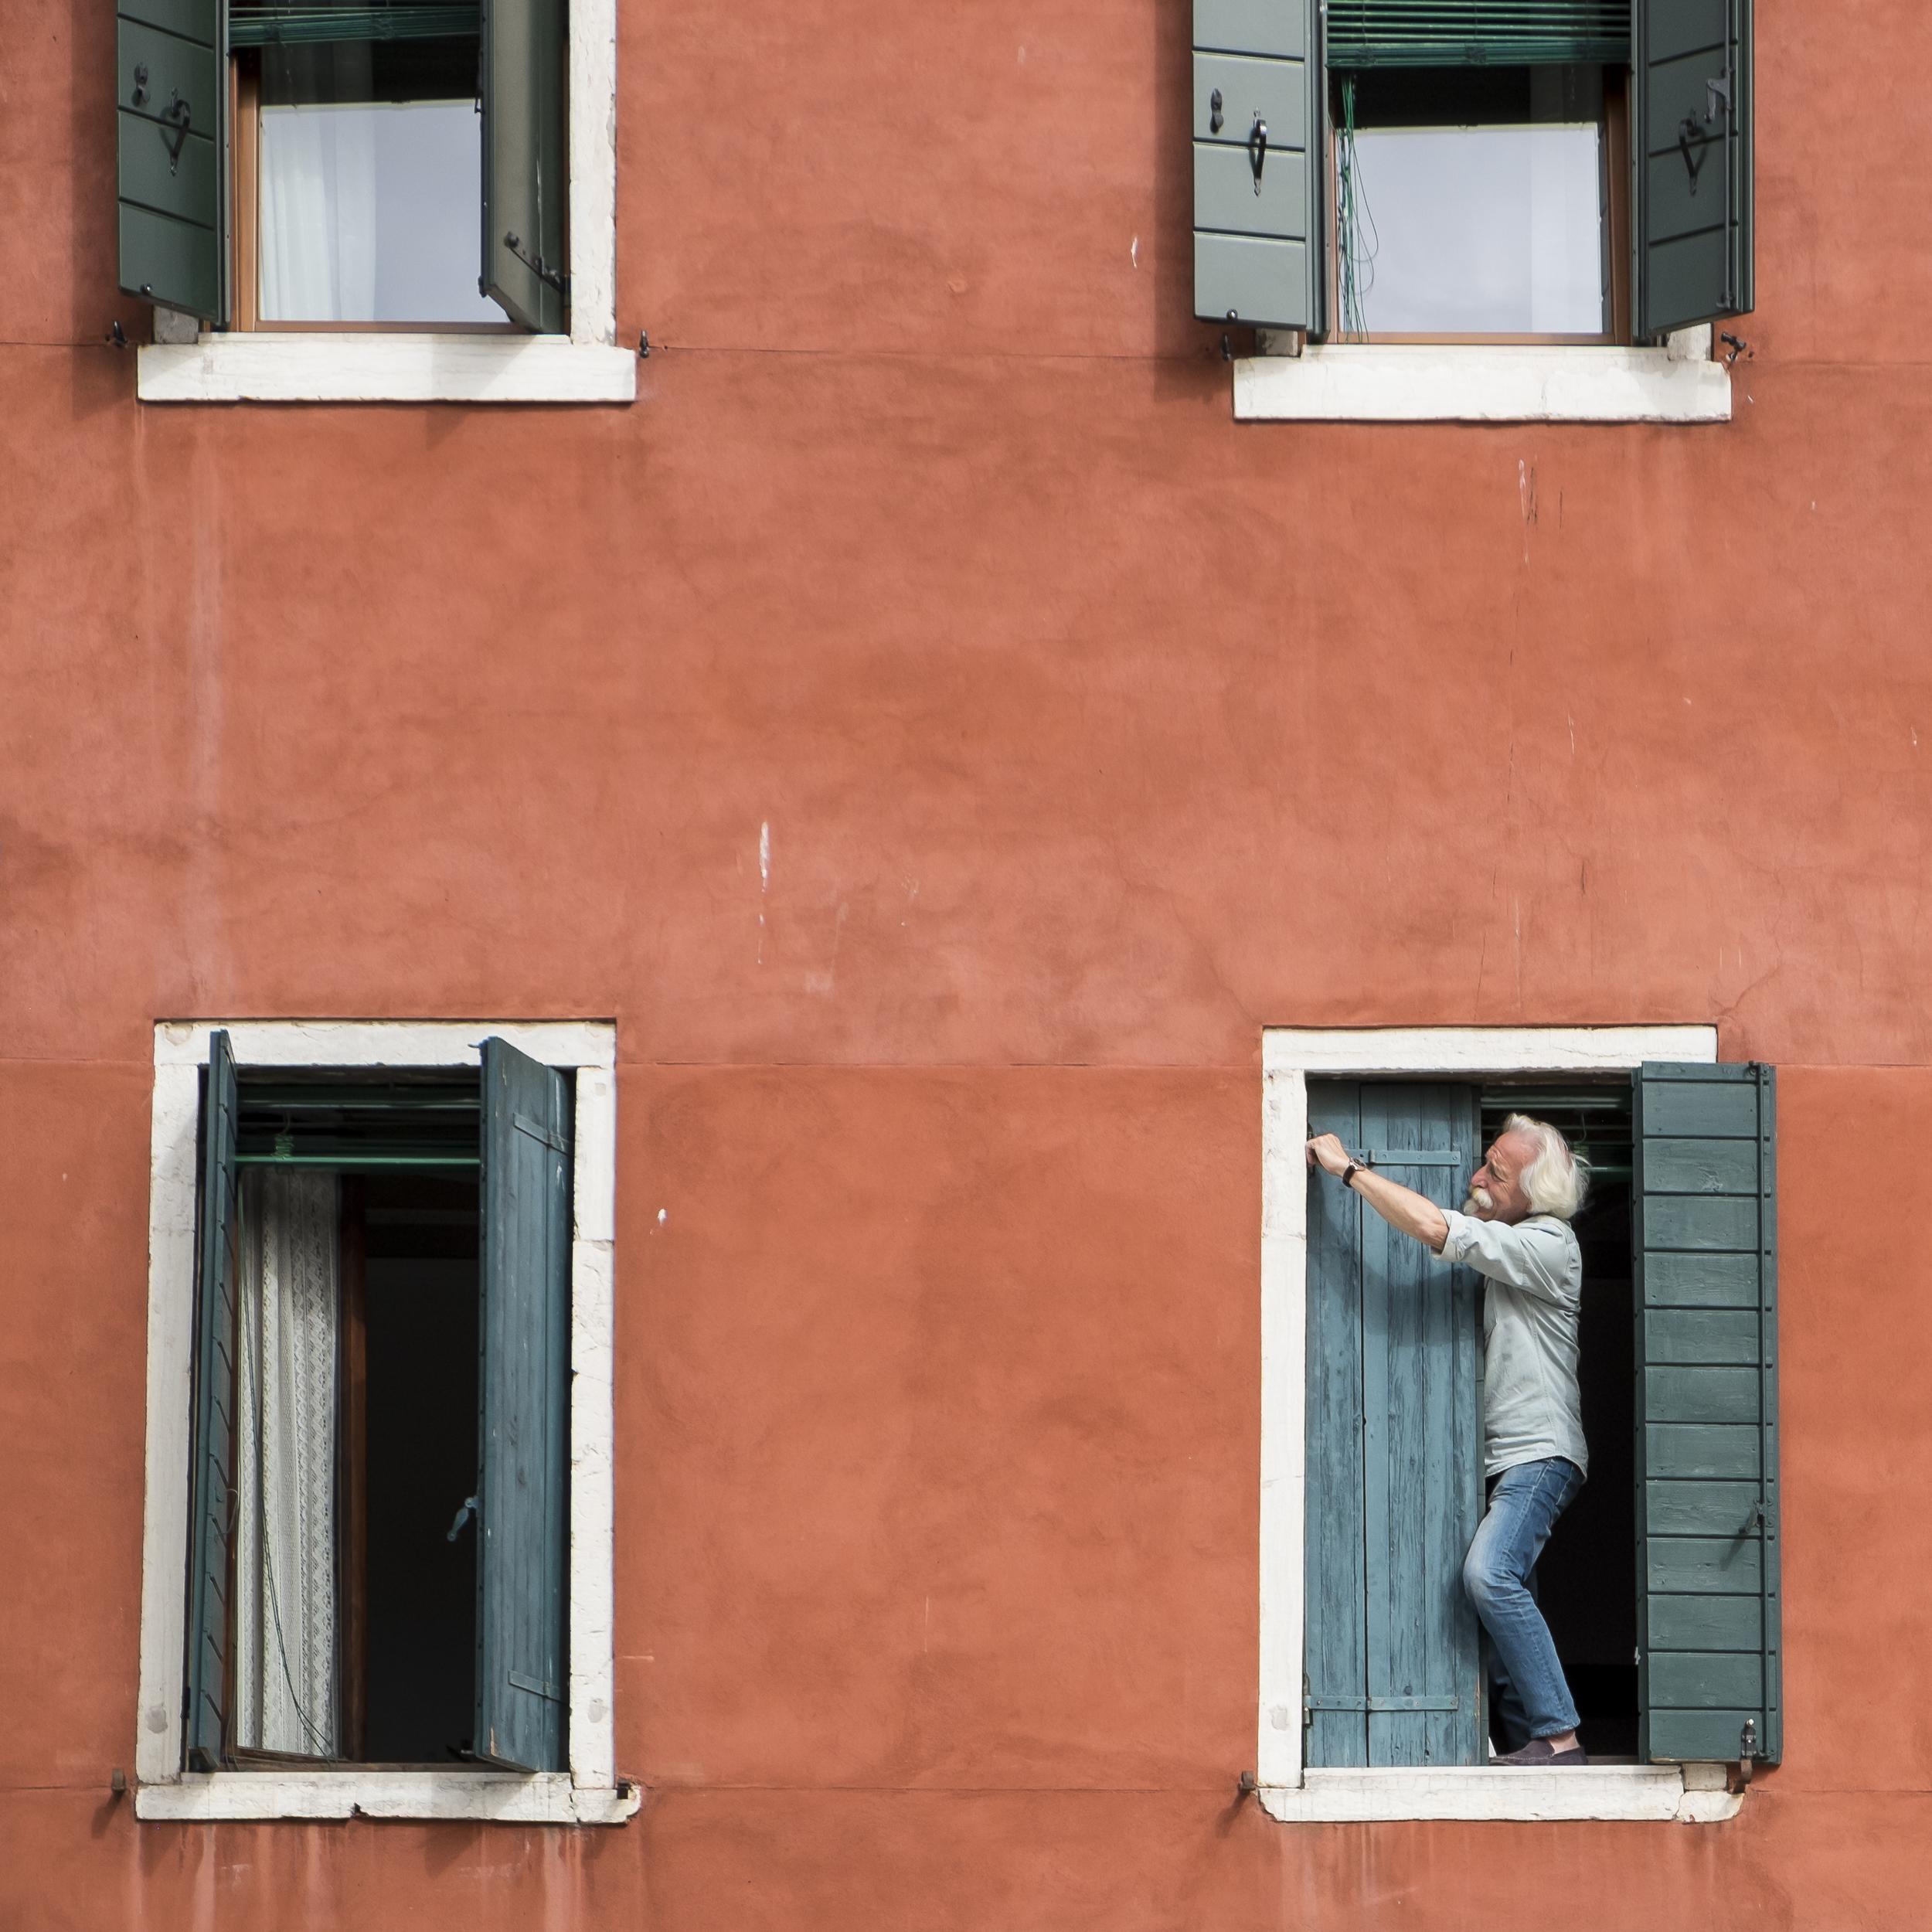 Venice-WindowGuy-20140522-DSCF5824.jpg